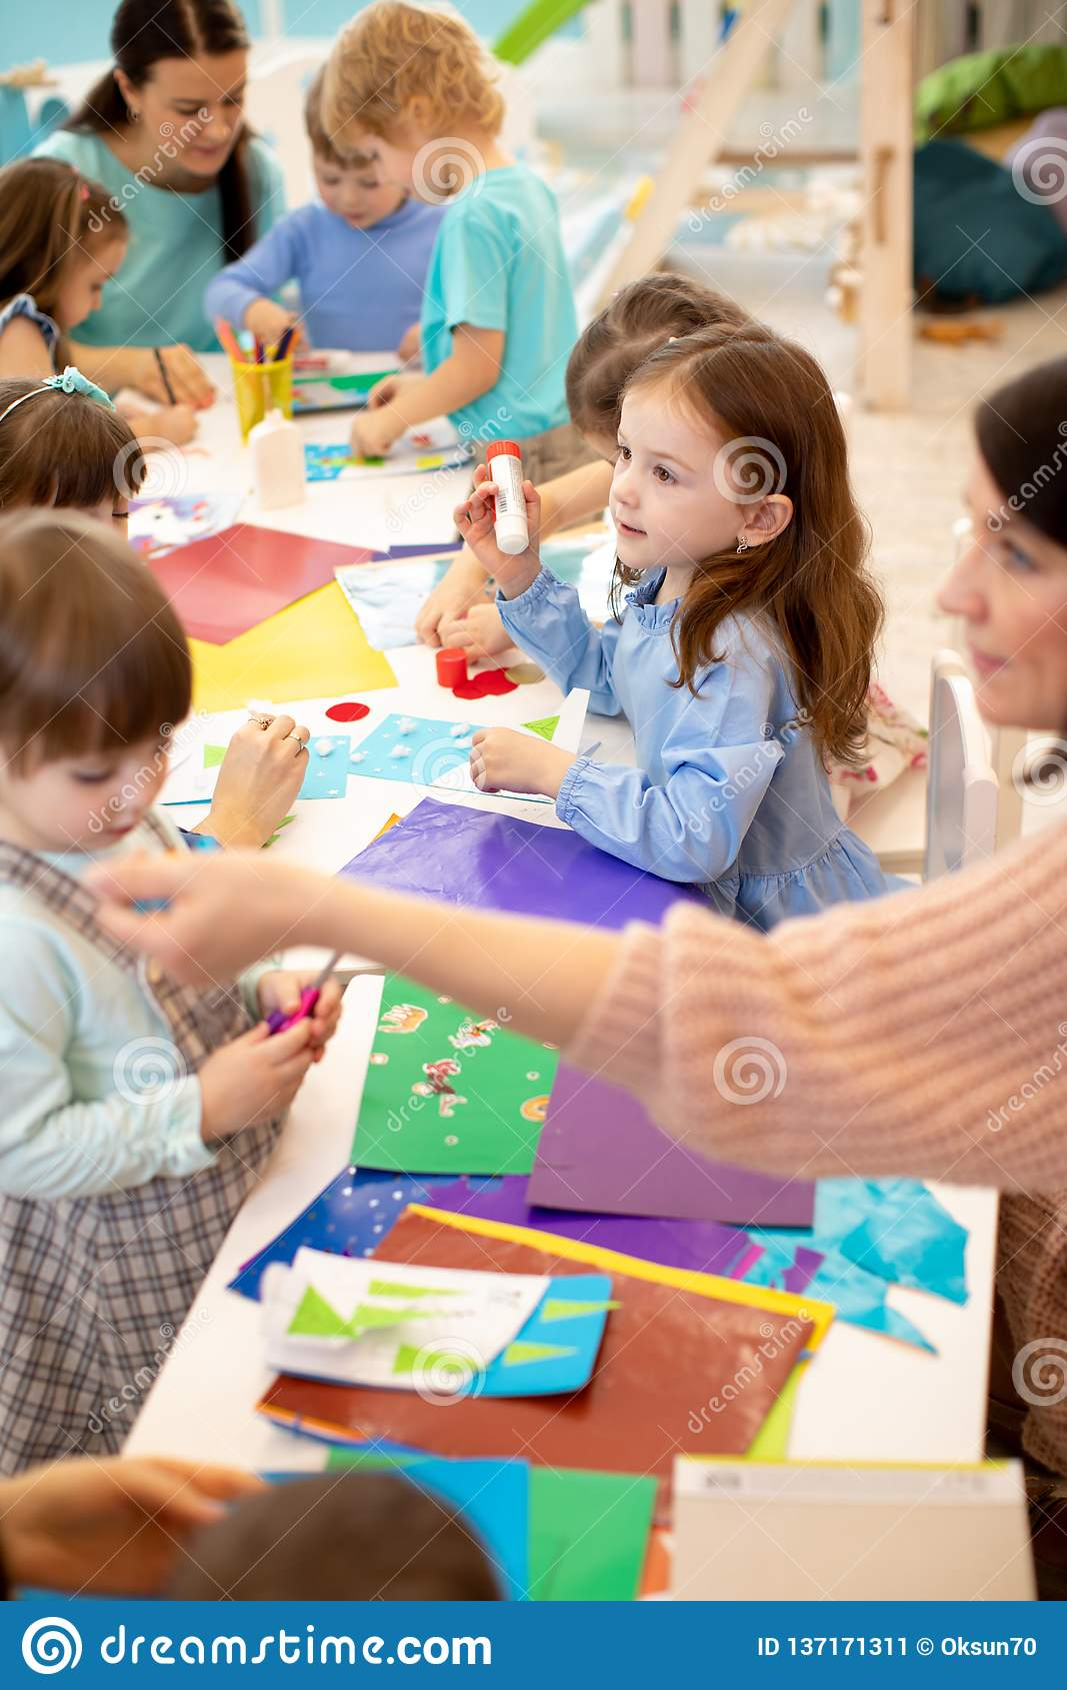 Art And Craft Activity In The Kindergarten Group Of Preschool Kids